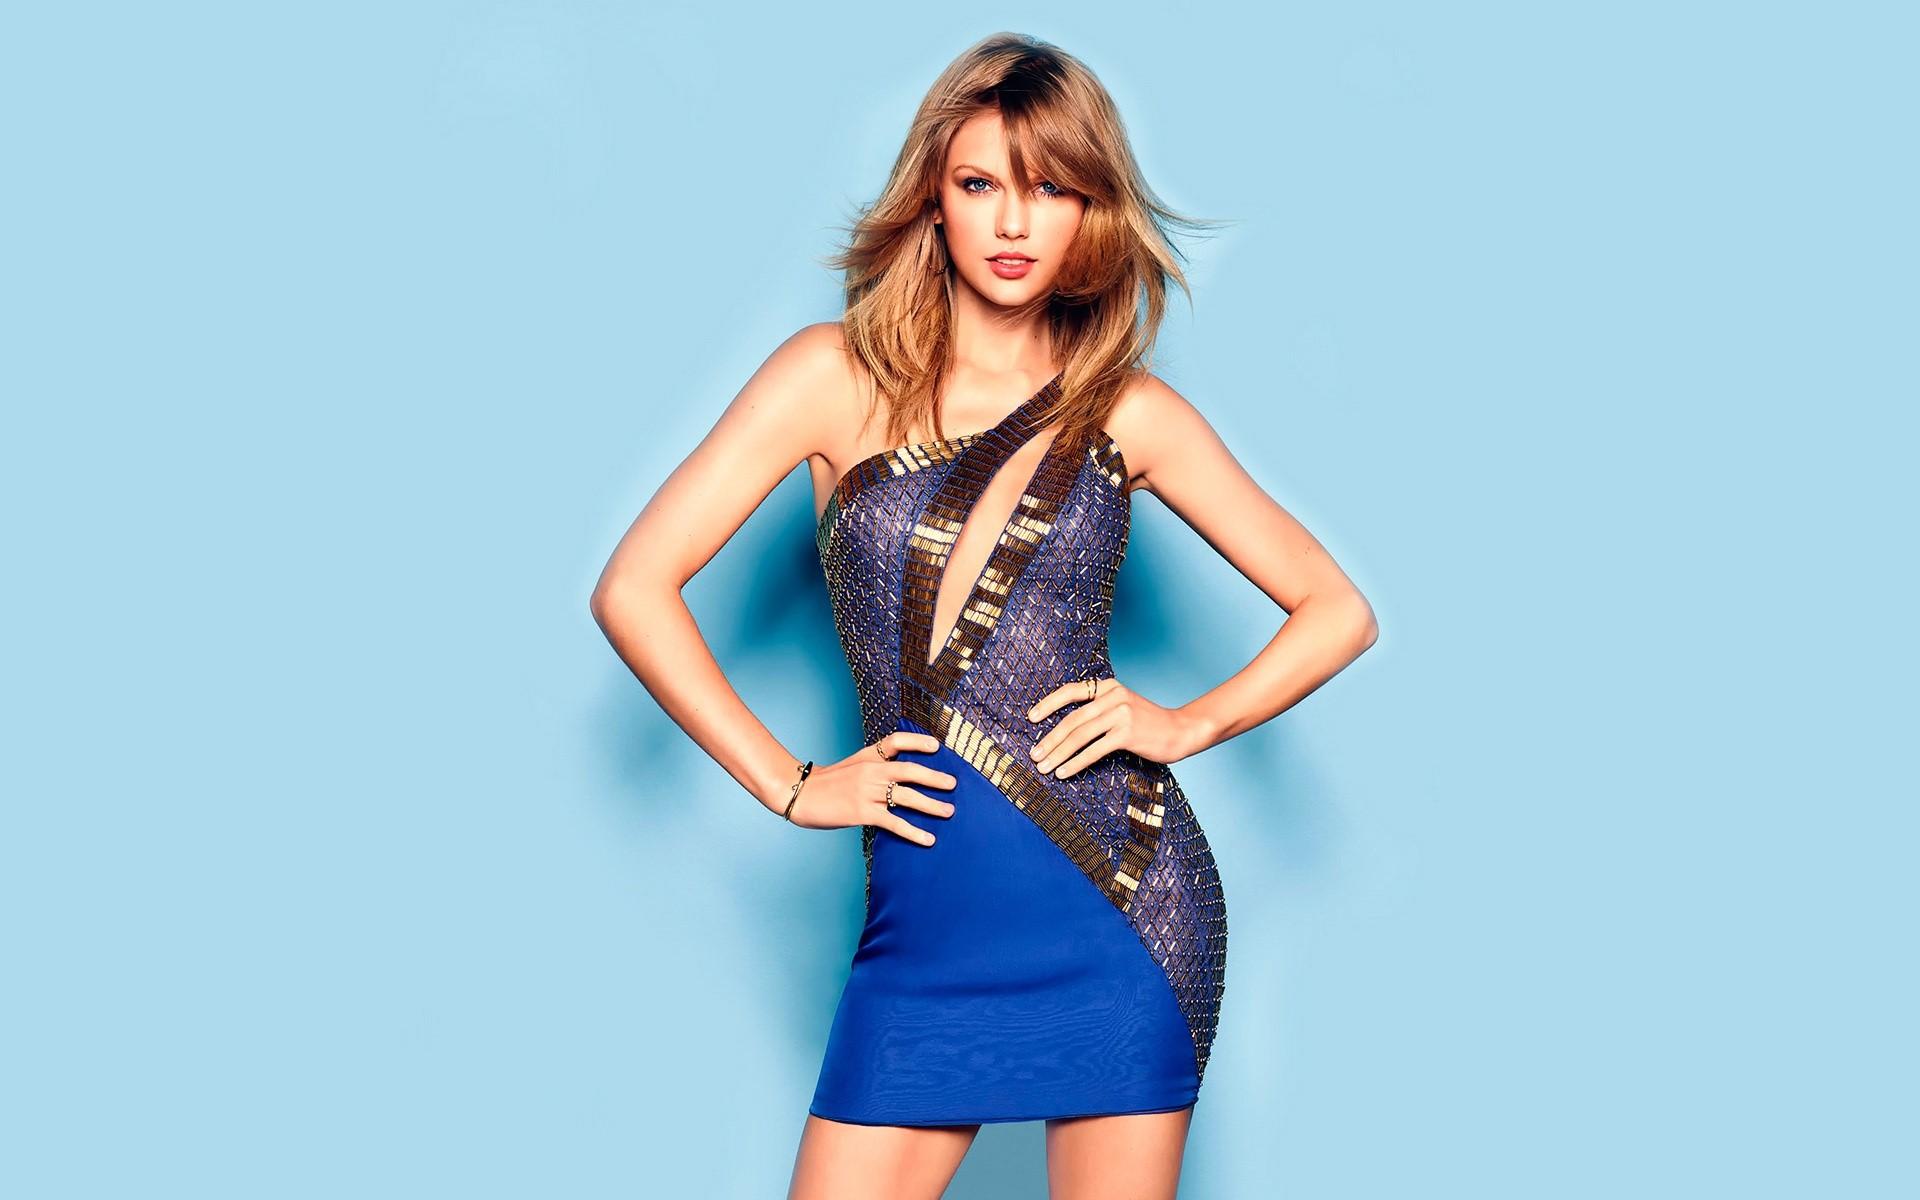 Fondo de pantalla de Taylor Swift lacia Imágenes